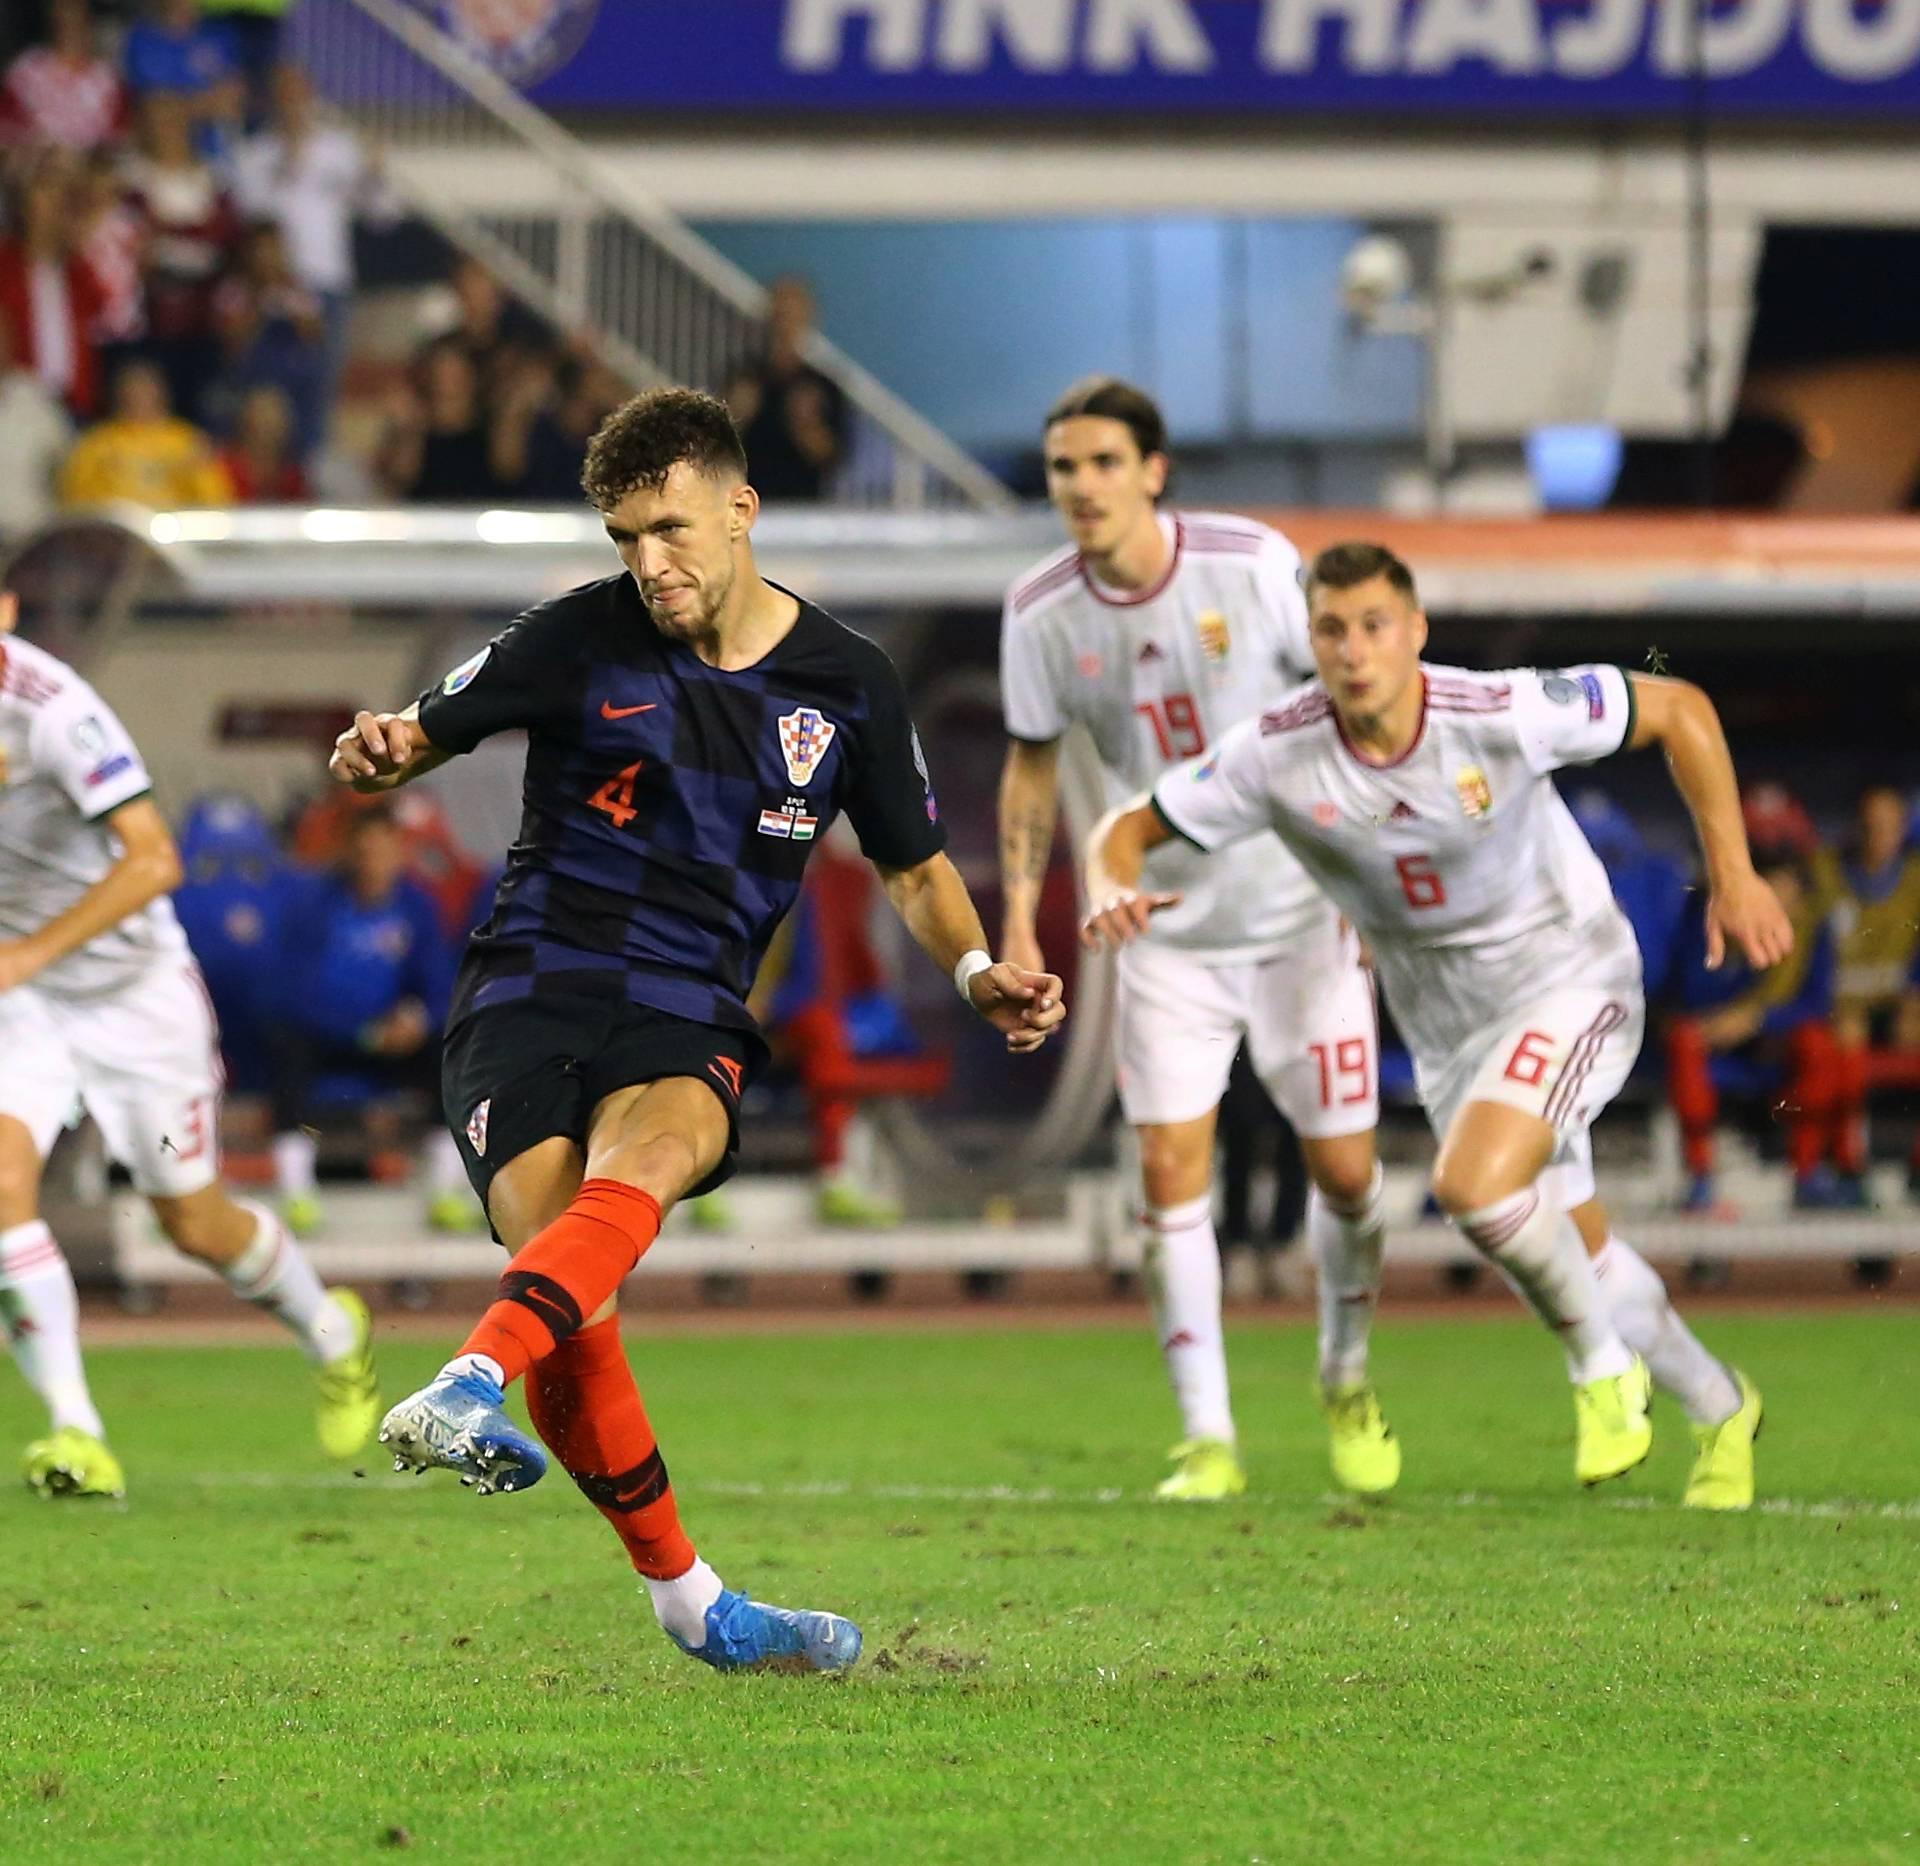 Euro 2020 Qualifier - Group E - Croatia v Hungary